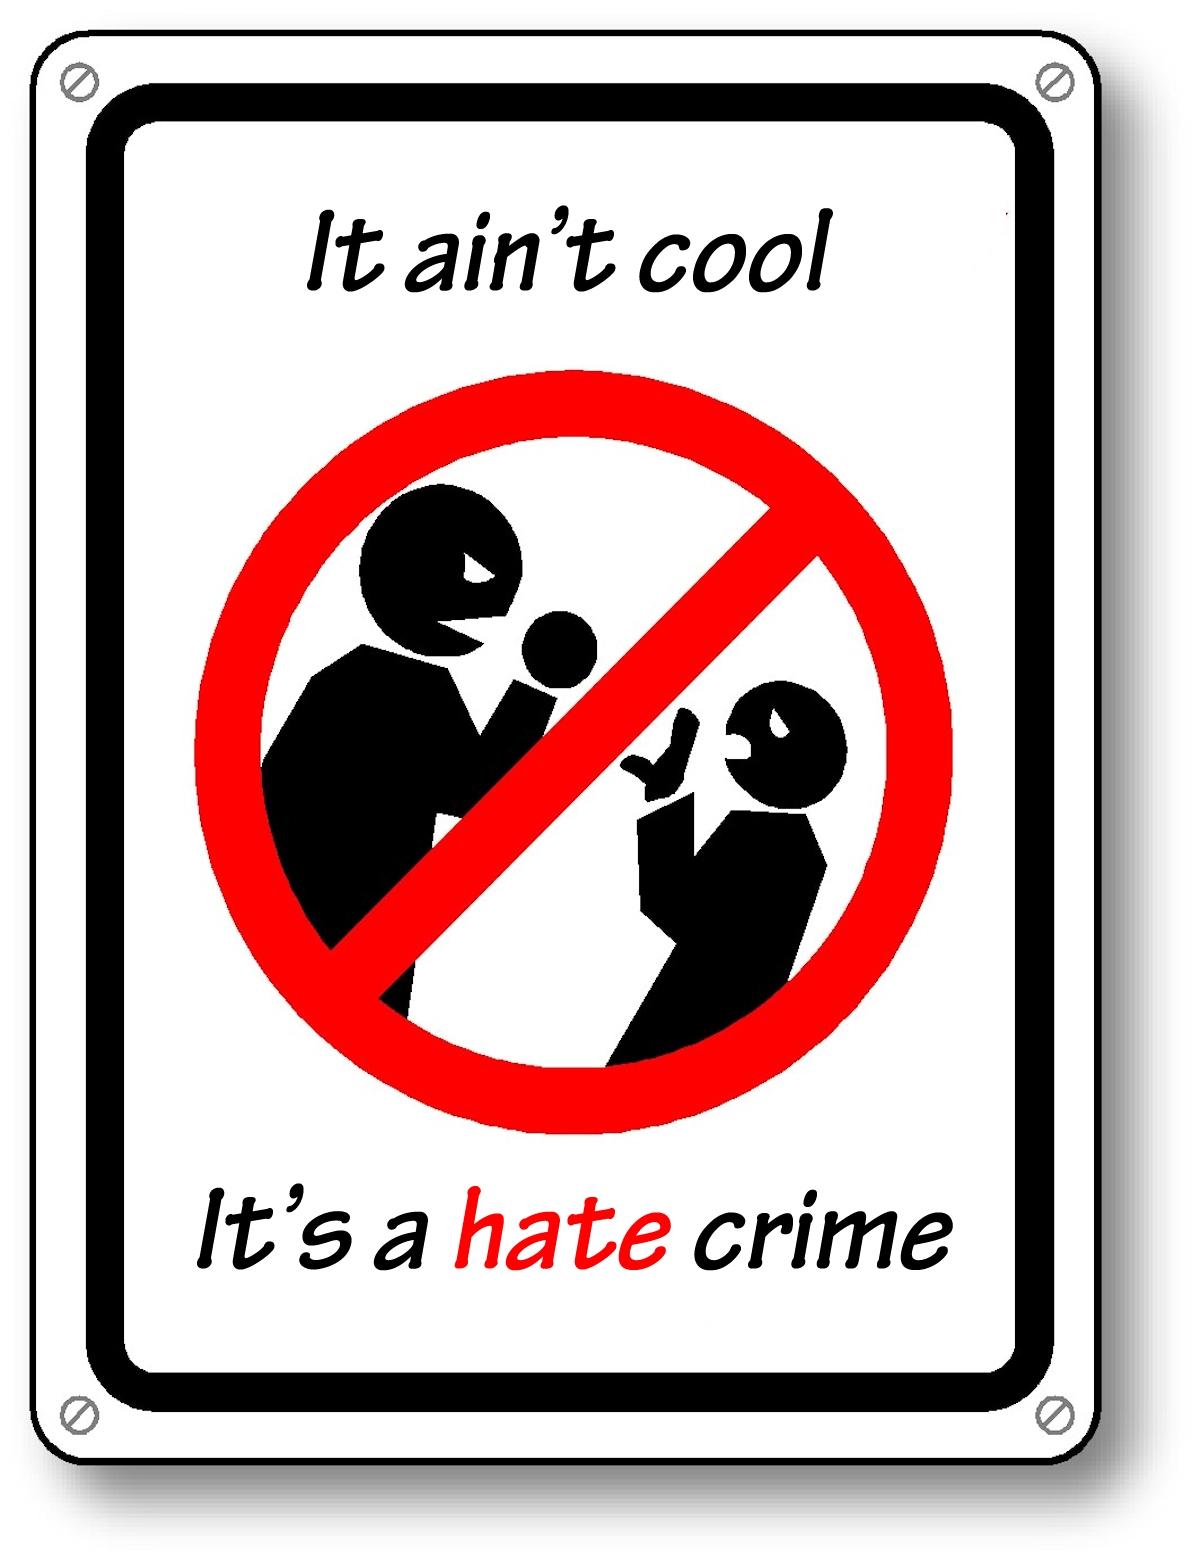 00 No More Hate Crime. 18.09.13